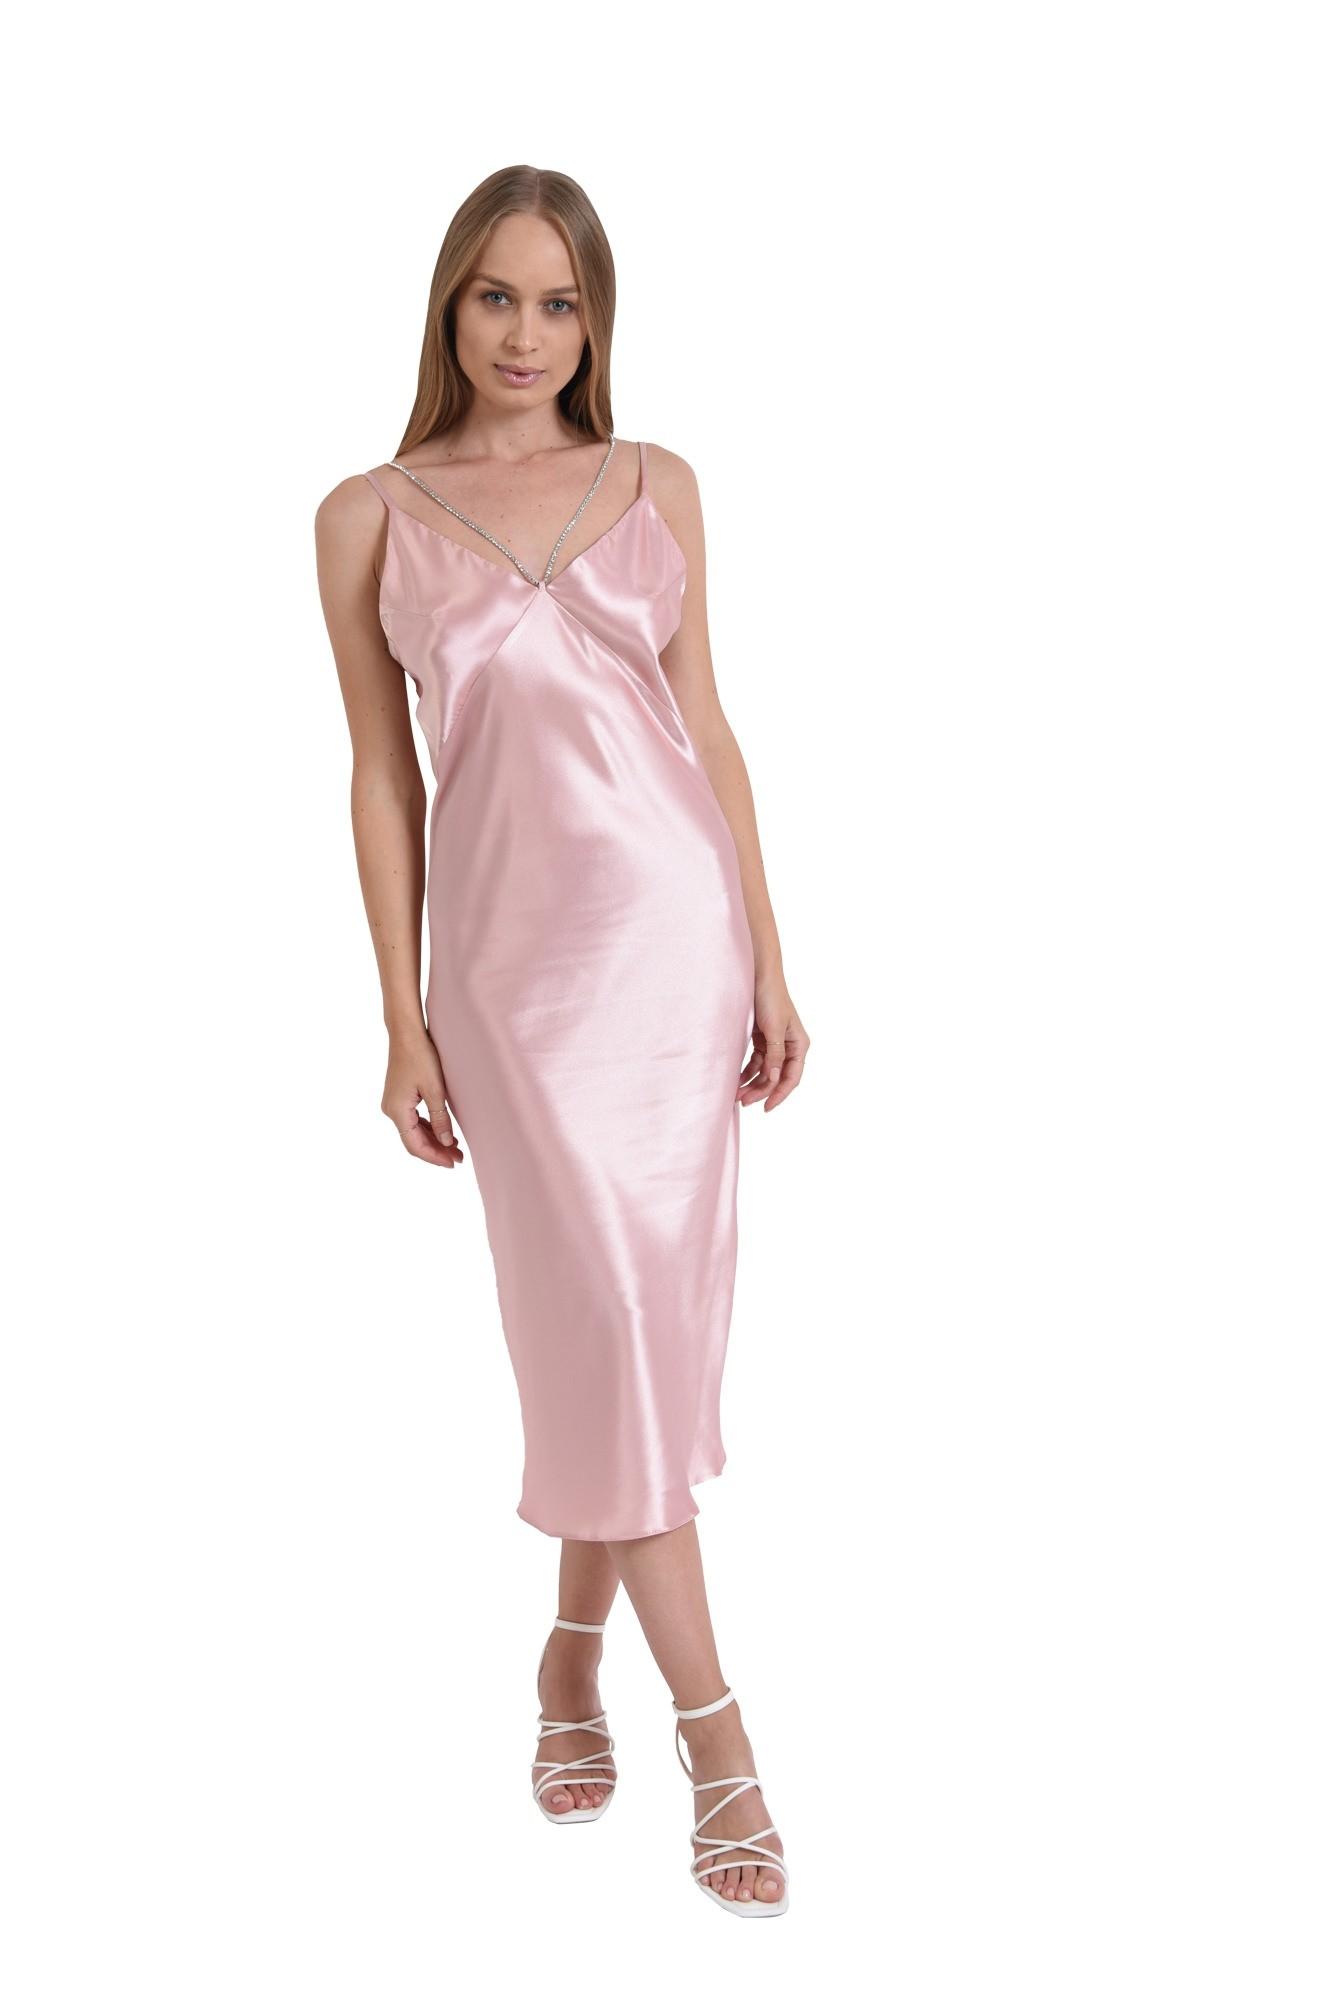 3 - rochie midi, cu bretele, cu detaliu din strasuri